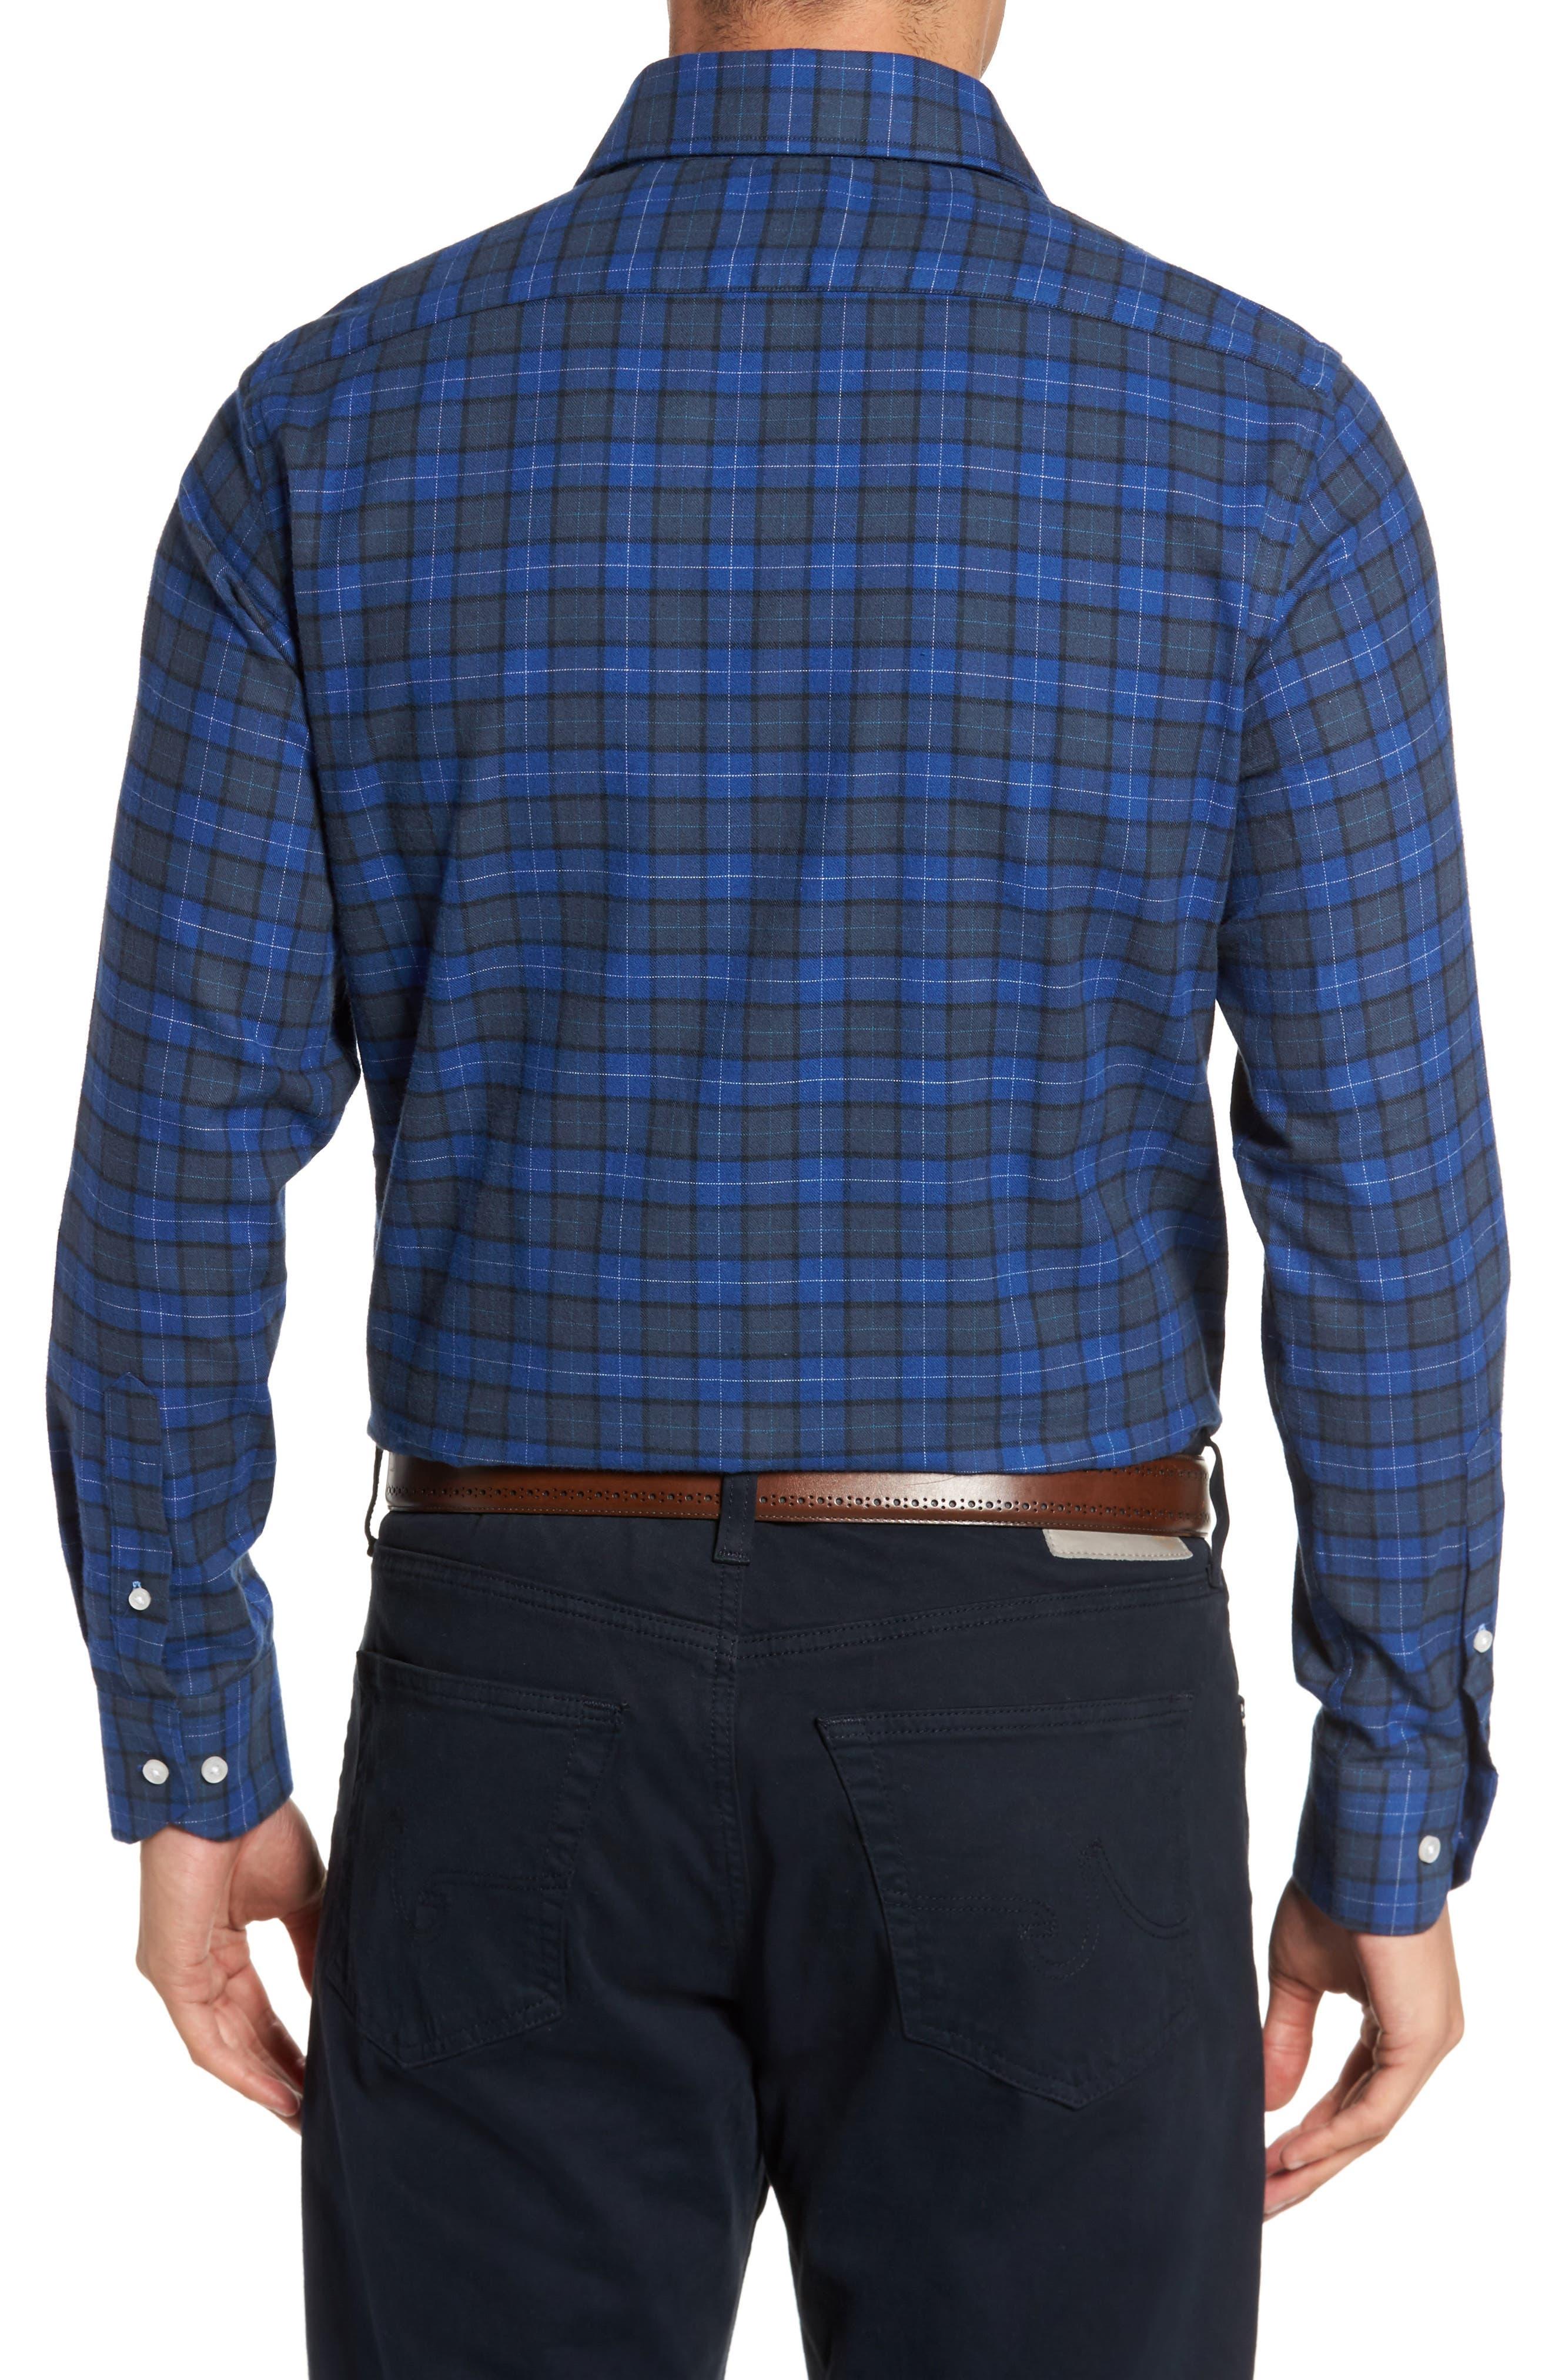 Cankton Plaid Sport Shirt,                             Alternate thumbnail 2, color,                             400